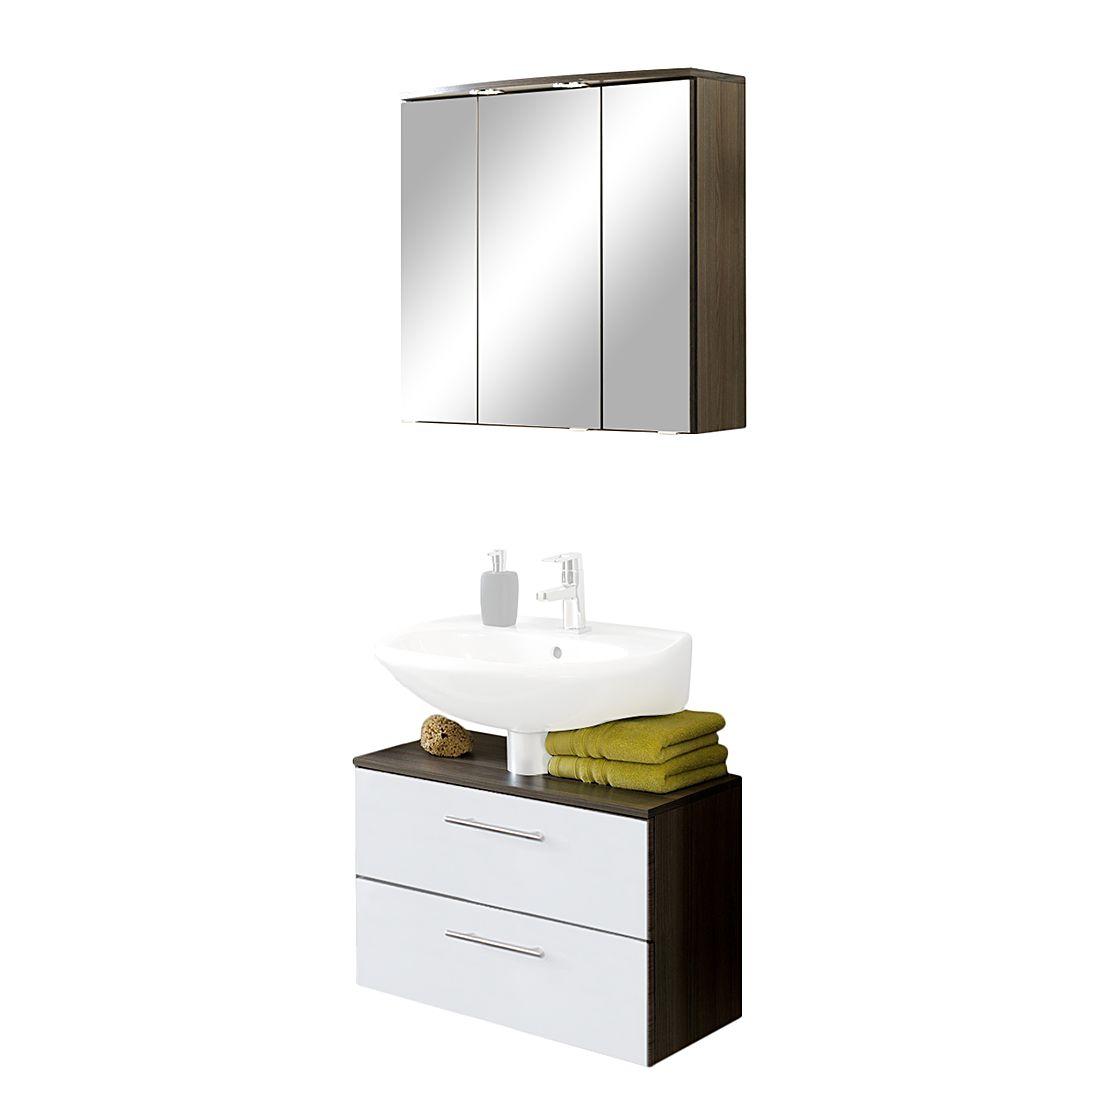 Badmöbel-Sets 2 teilig | Hier findest du dein Waschtisch-Set | home24